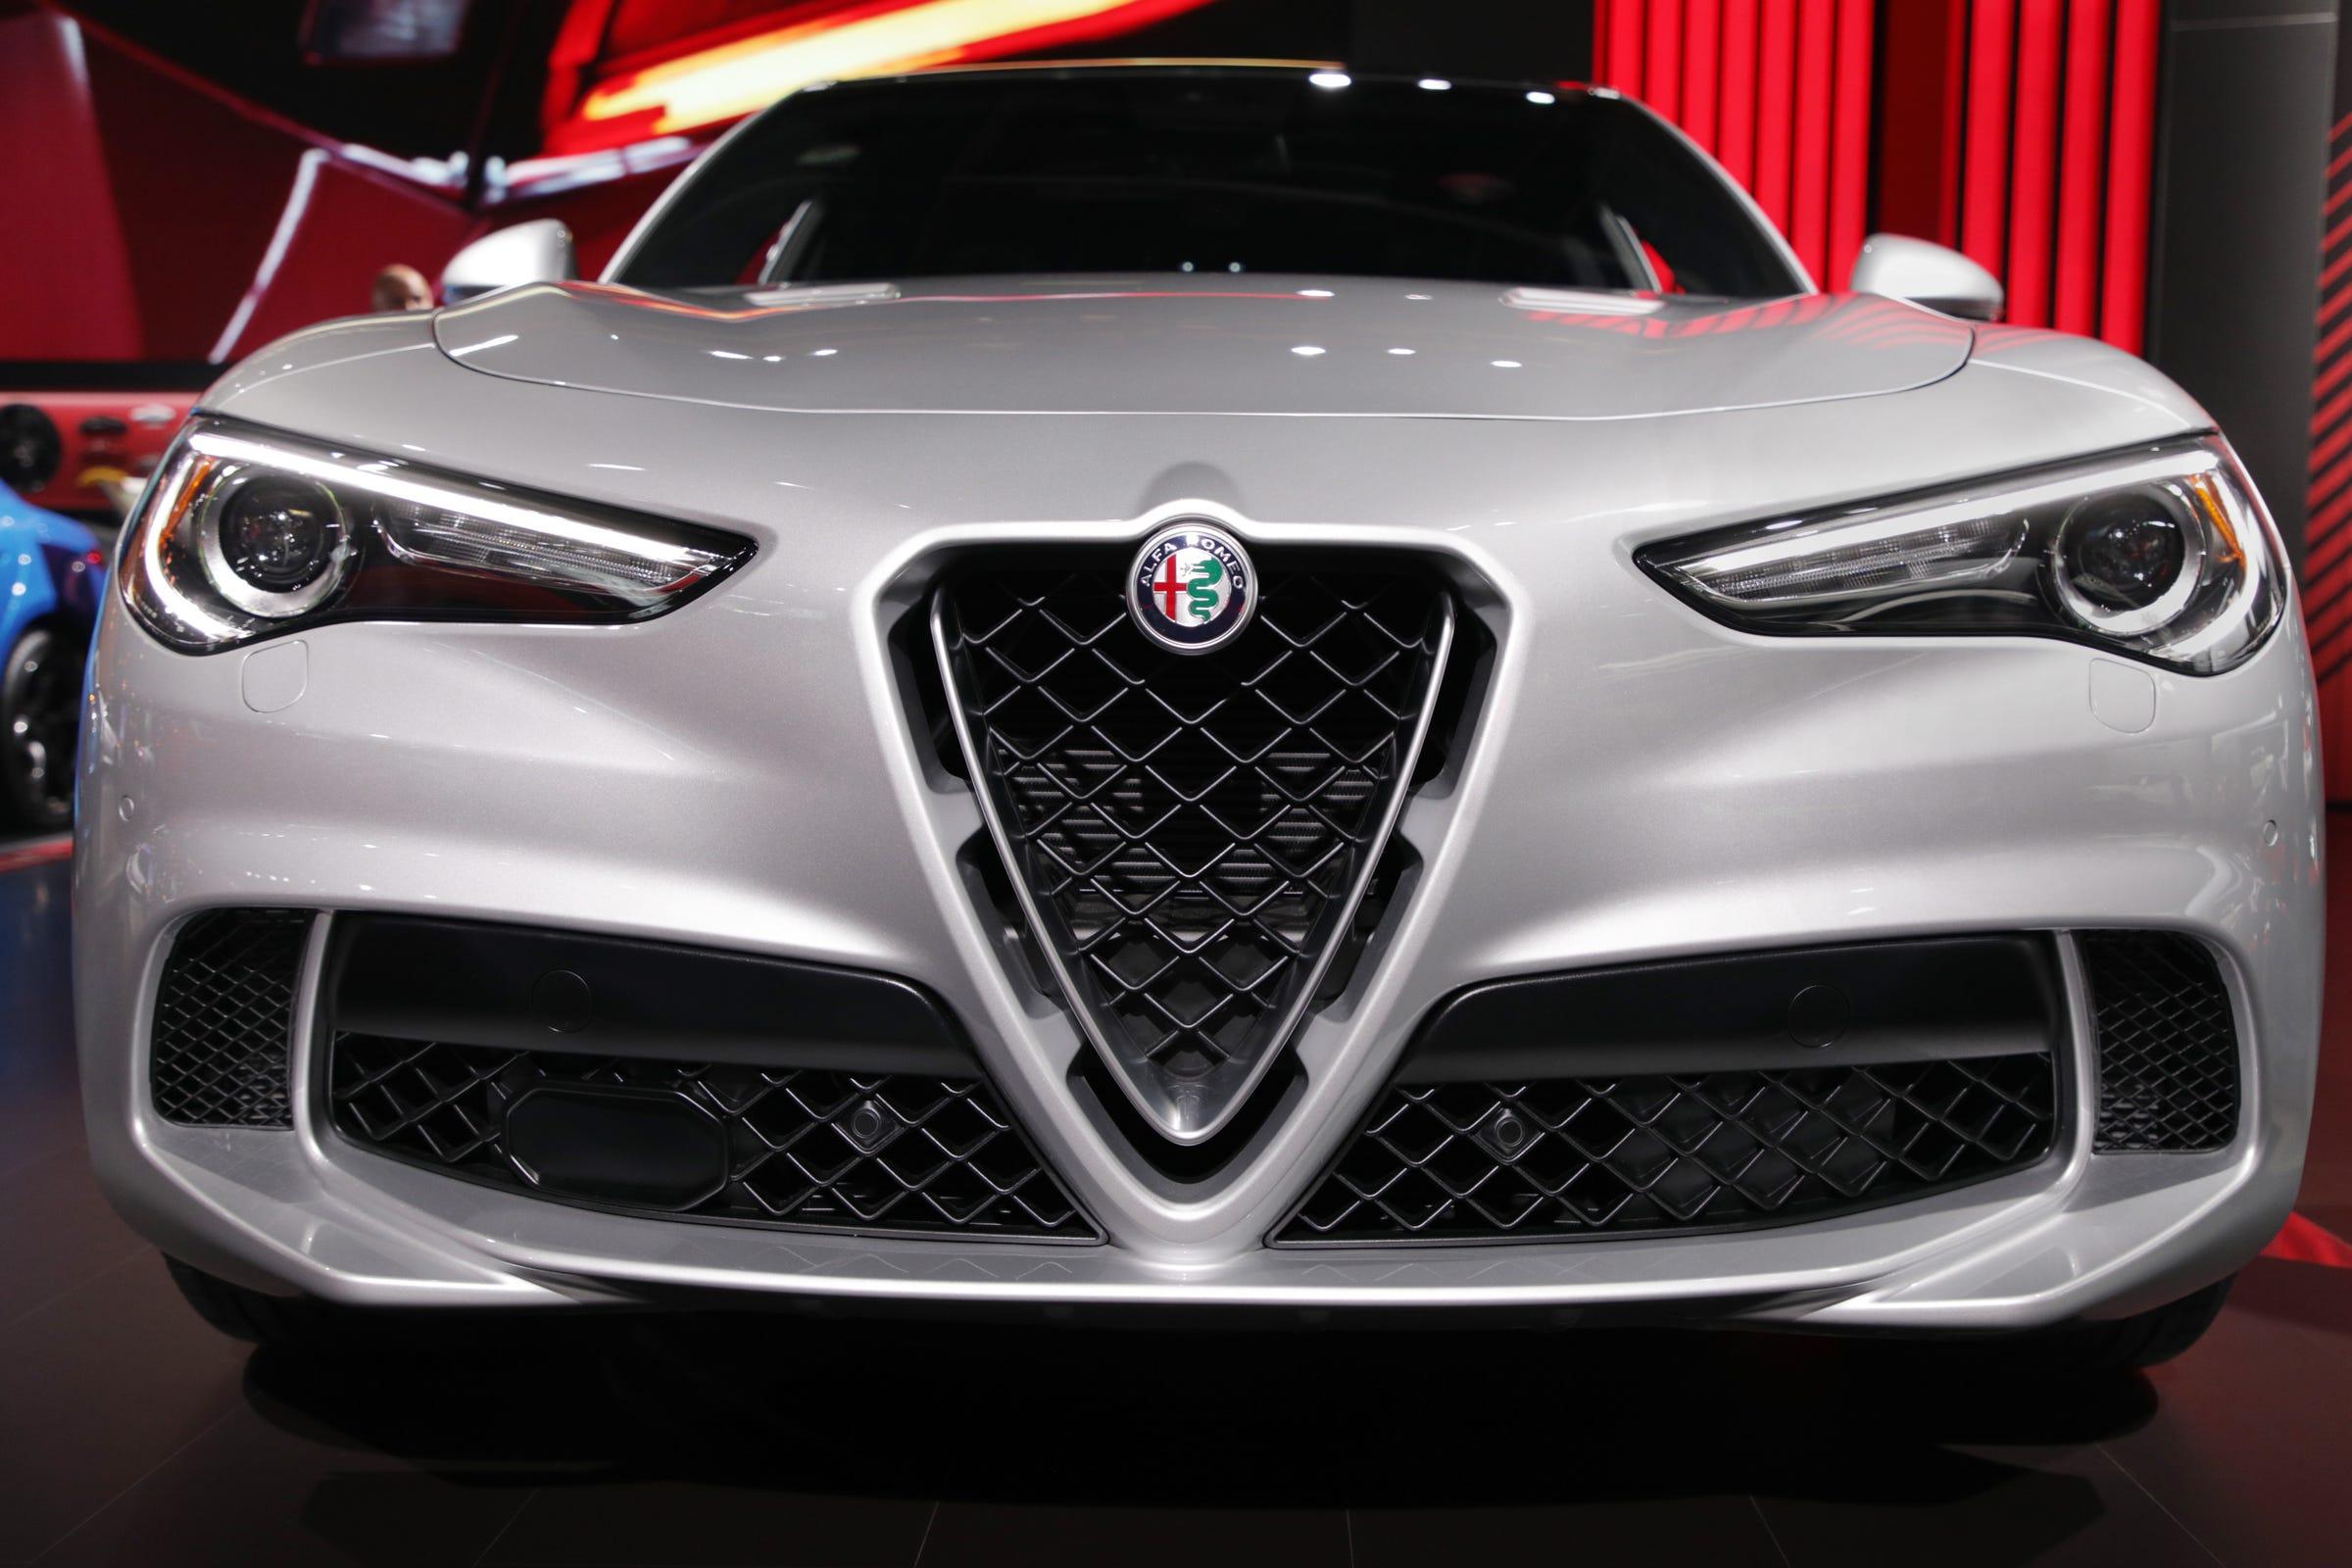 Fiat Chrysler S Grand Plans For Alfa Romeo Have Dimmed